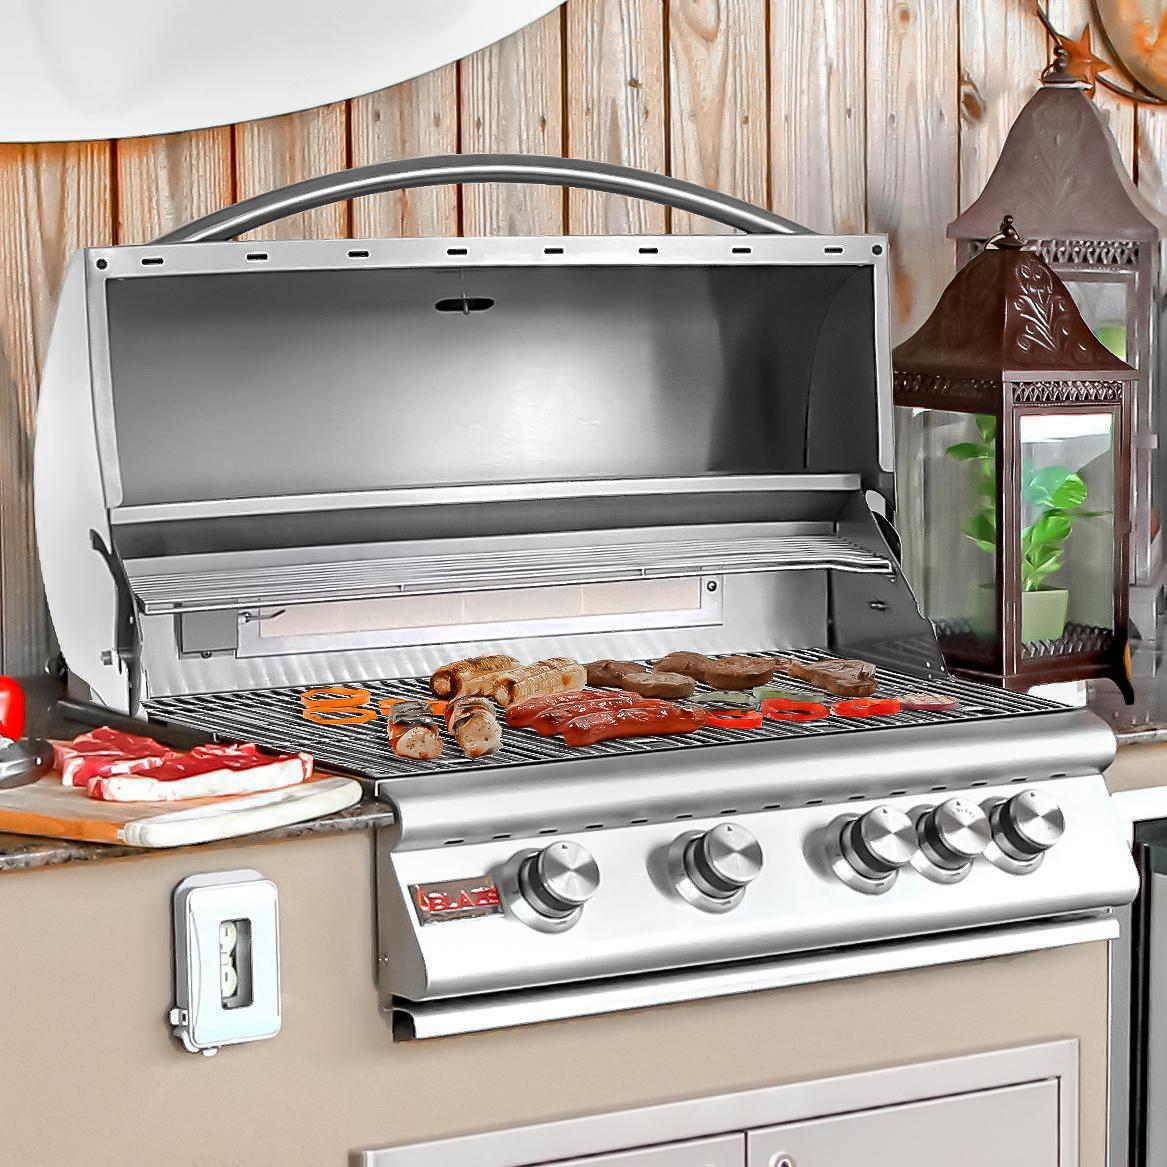 Image result for Blaze Grills